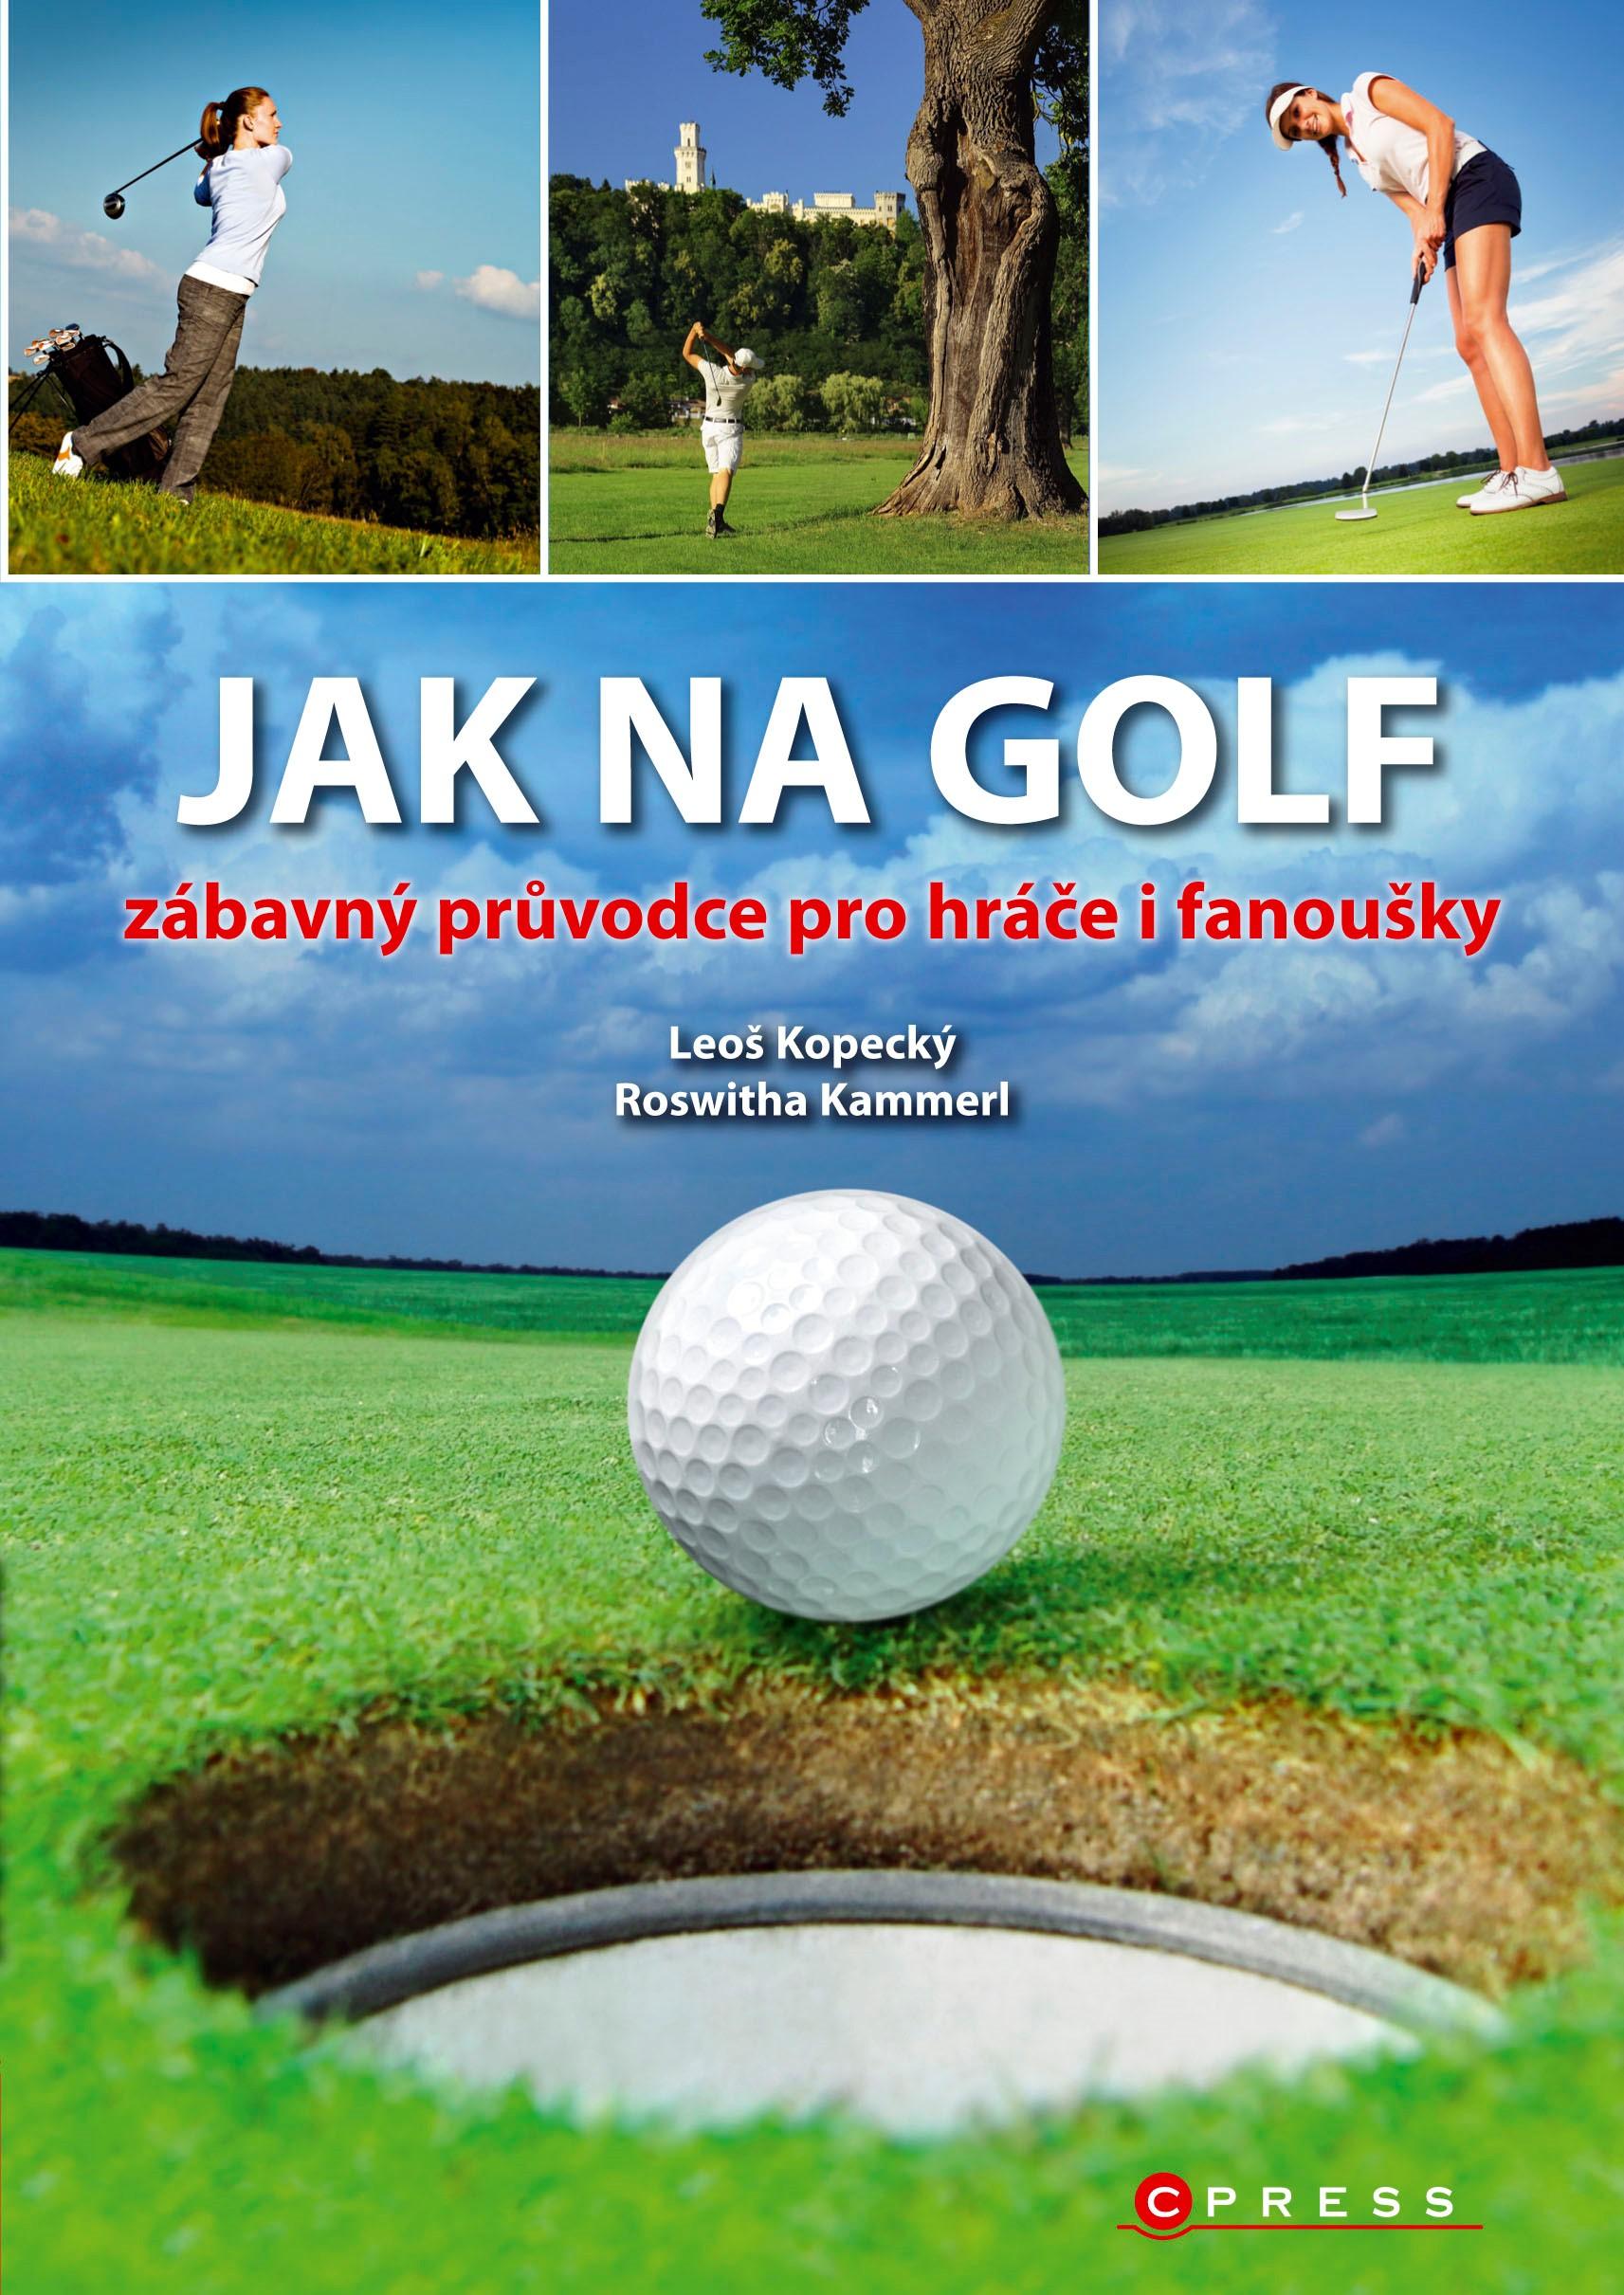 Jak na golf | Roswitha Kammerl, Leoš Kopecký